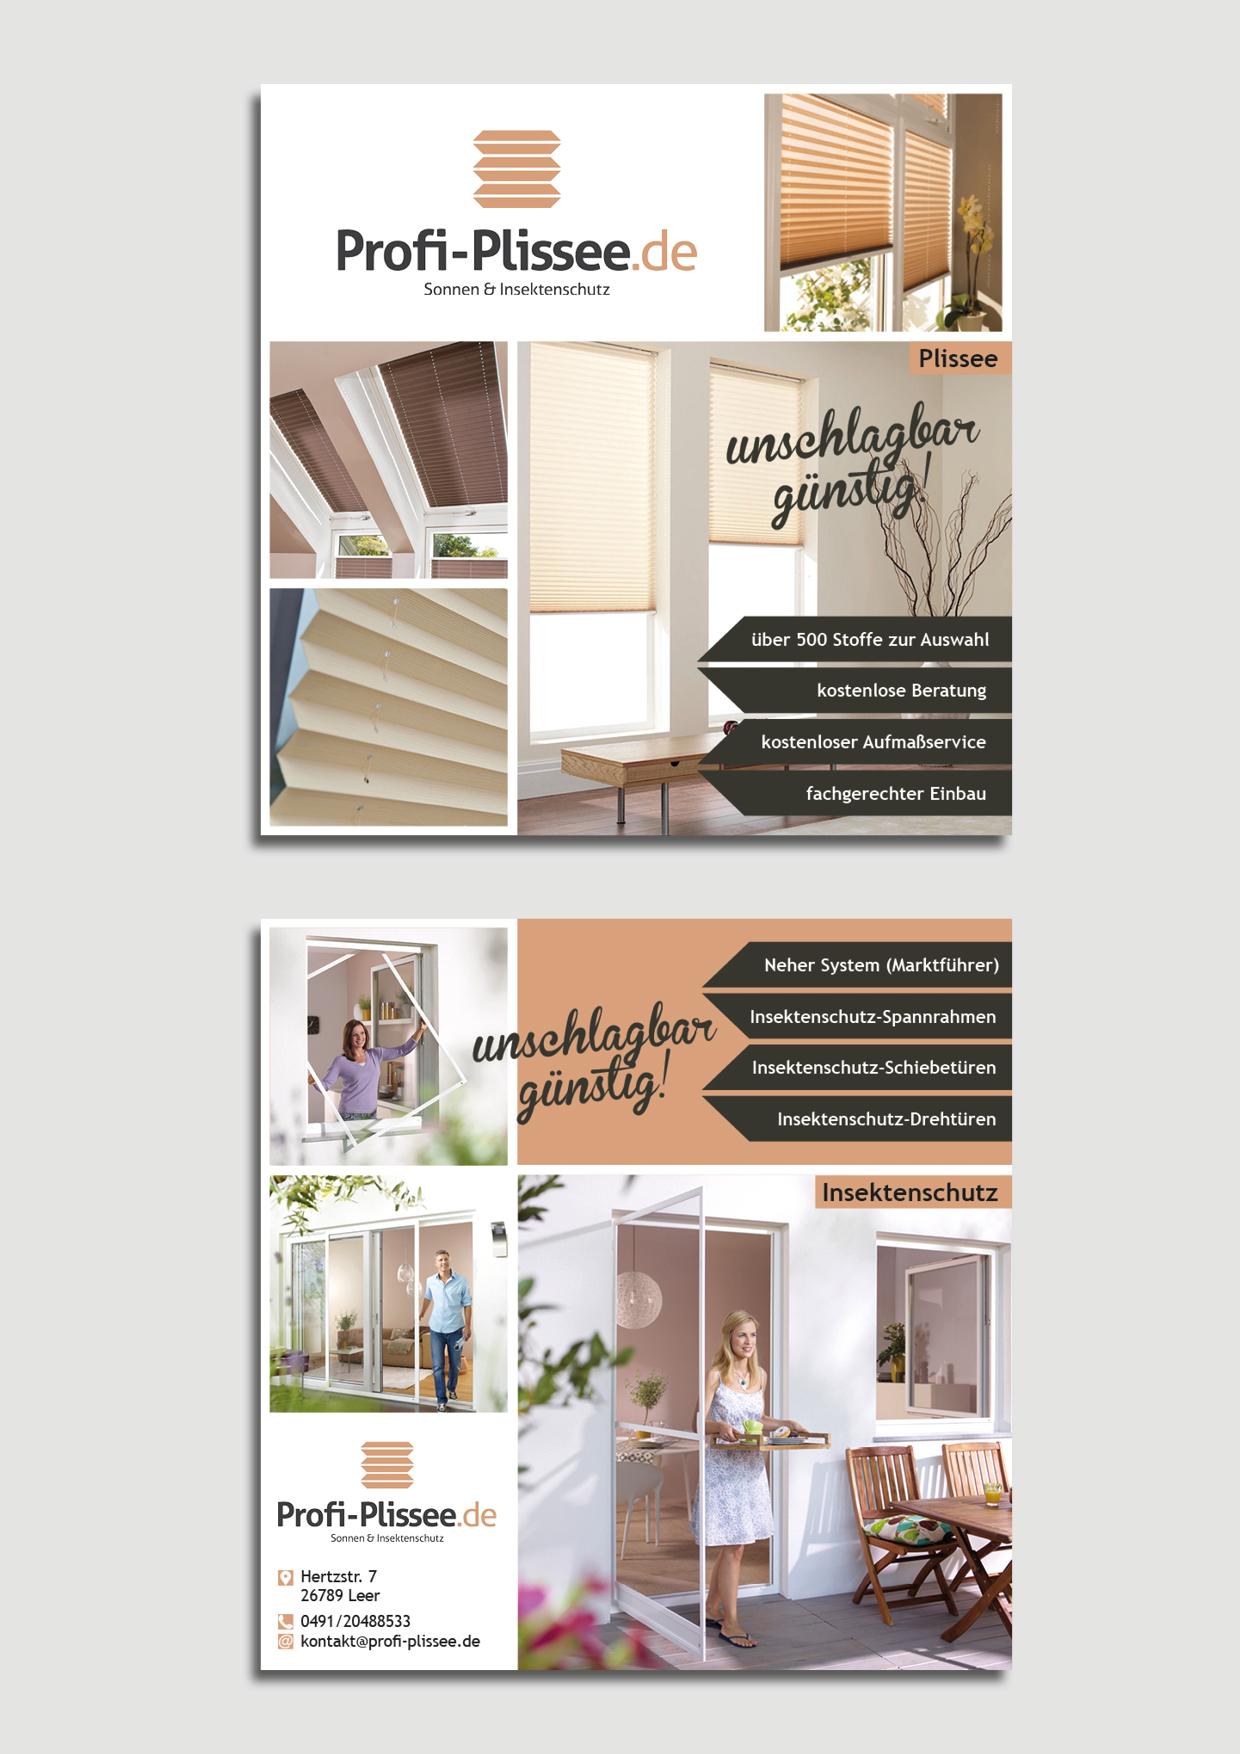 design #5 of abdesign